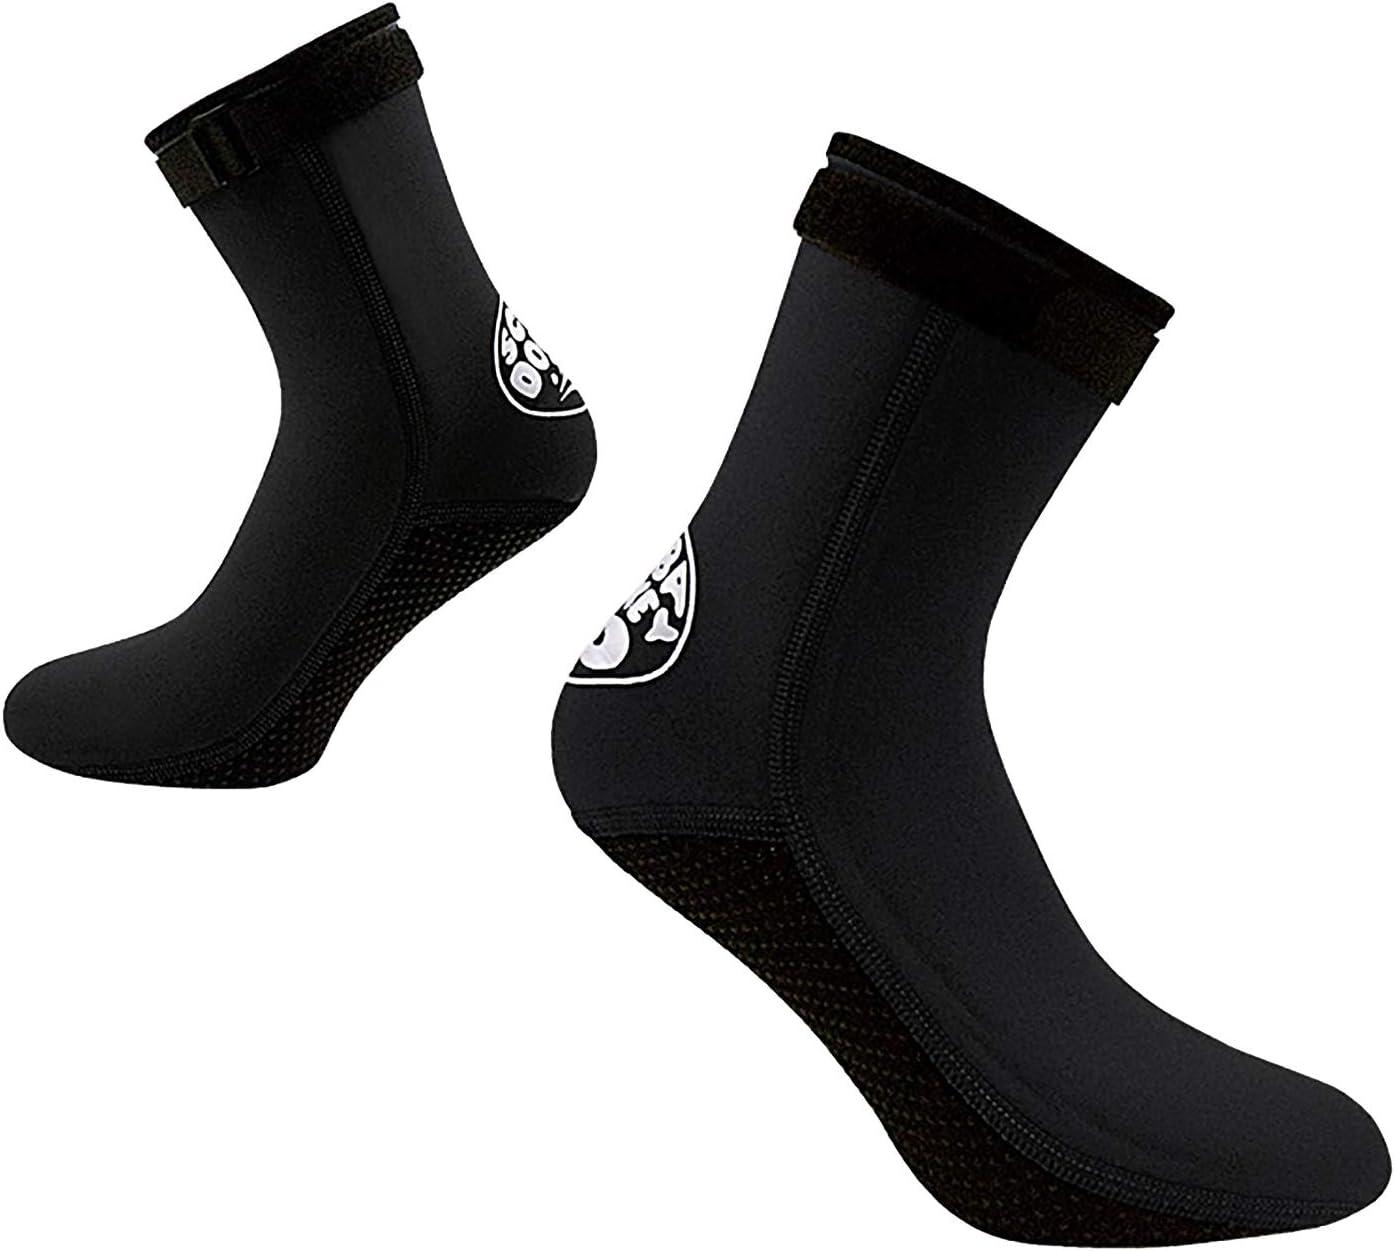 Scubadonkey 3mm Neoprene Diving Socks